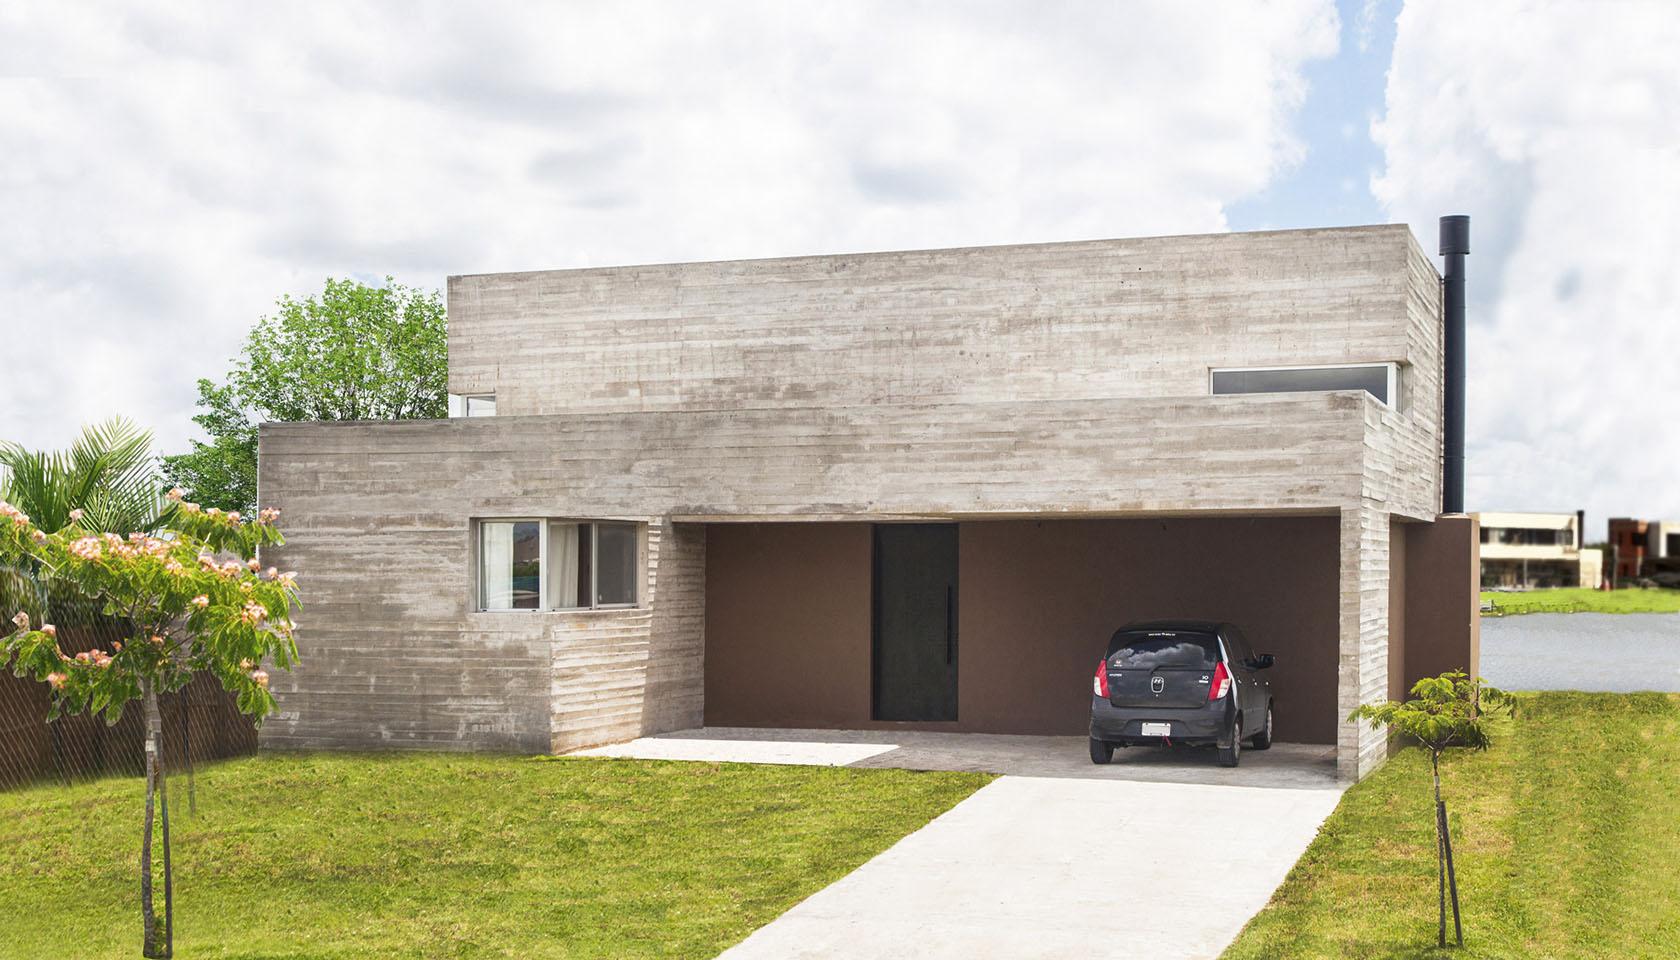 casas minimalistas, fachadas en tarquini y hormigón